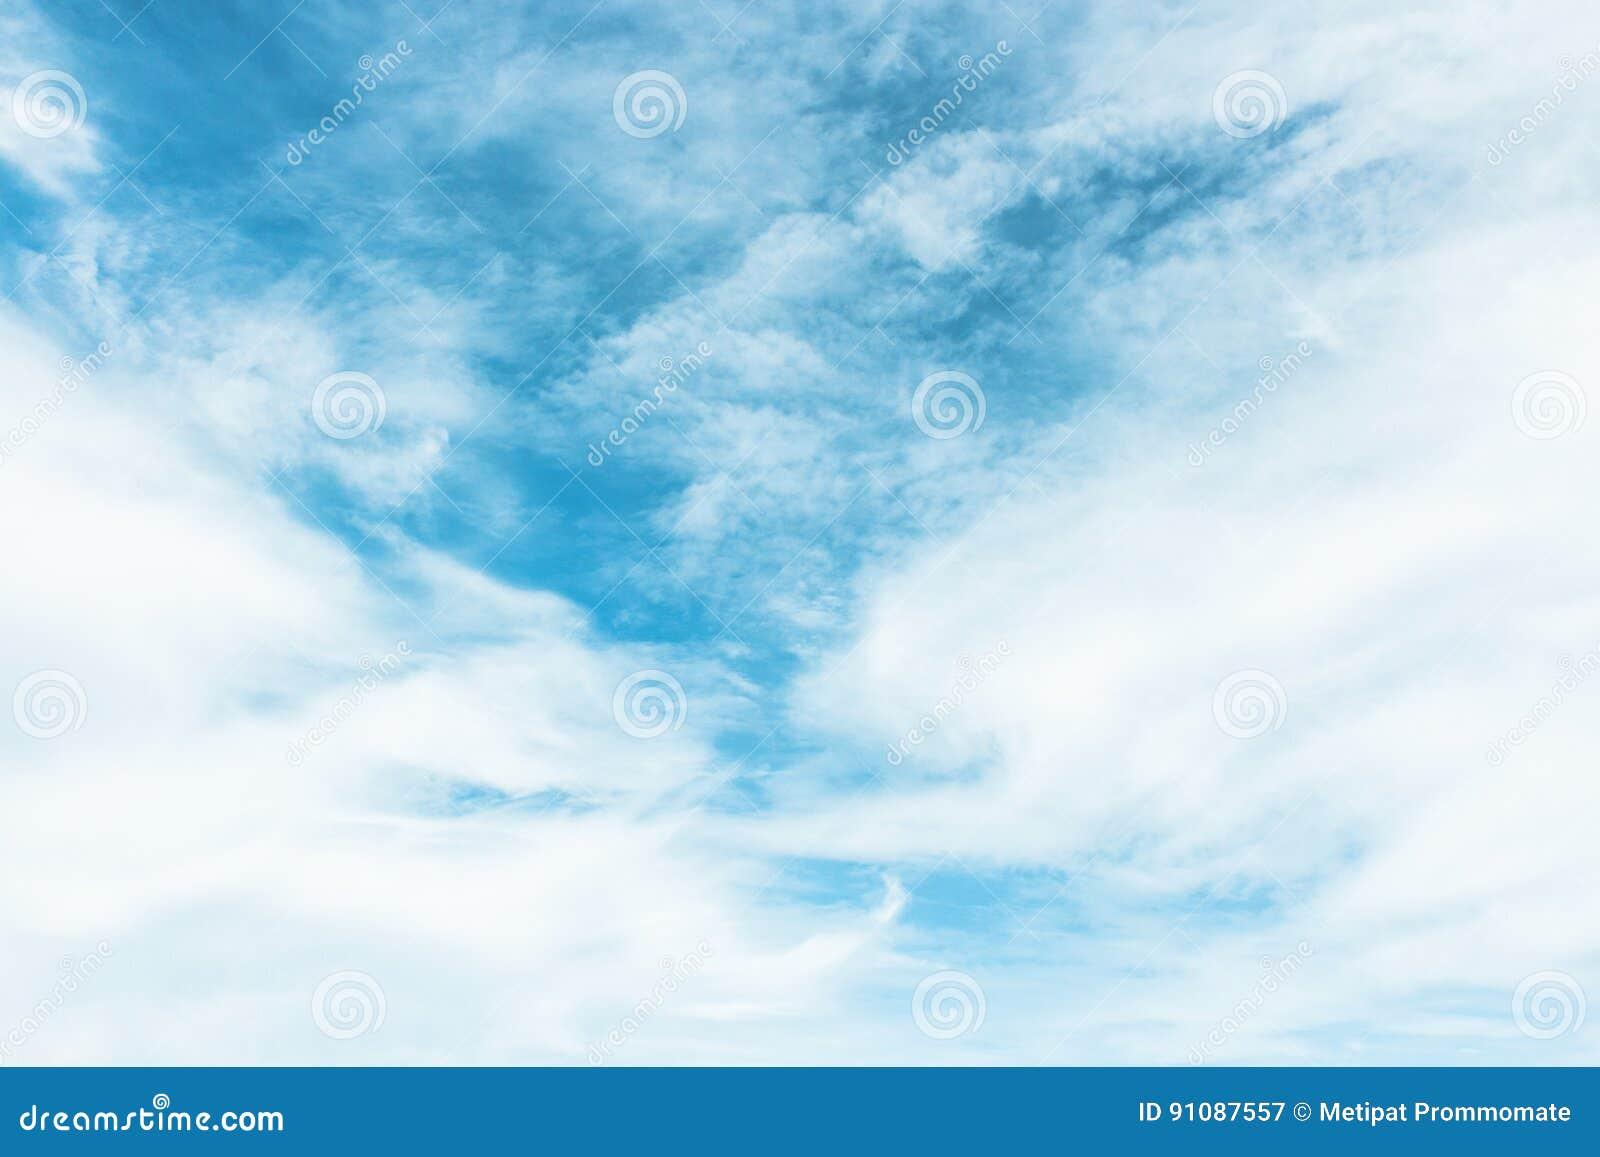 Blauer Himmel Gemalt Mit Weißen Wolken Stockbild - Bild von ...